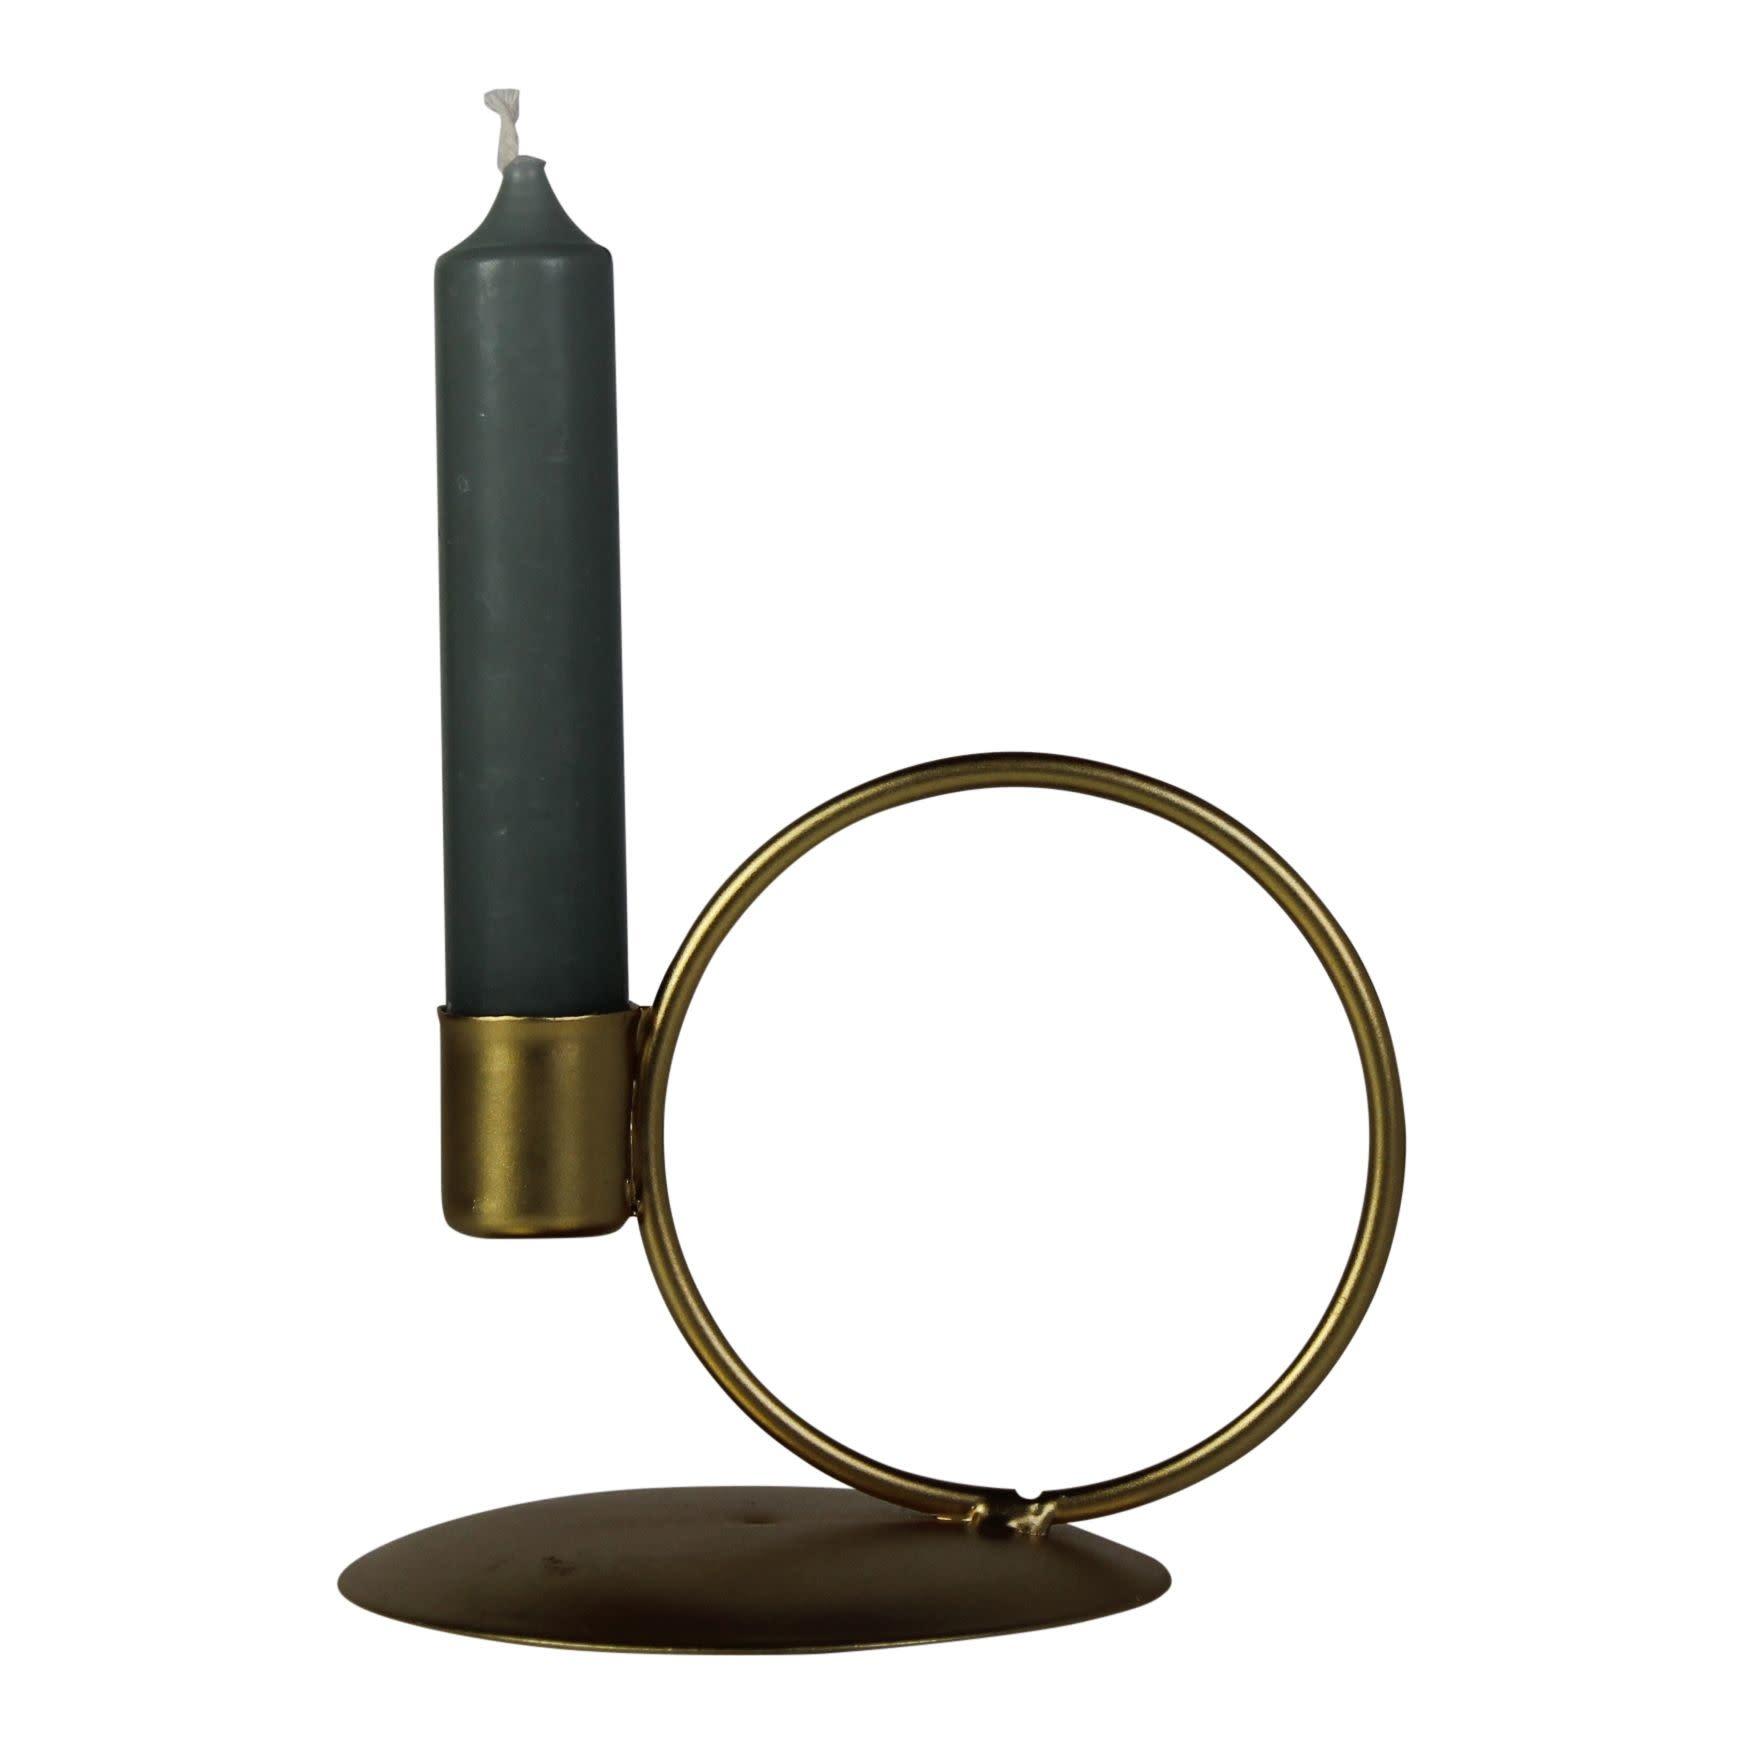 Kandelaar Cirkel Goud-1